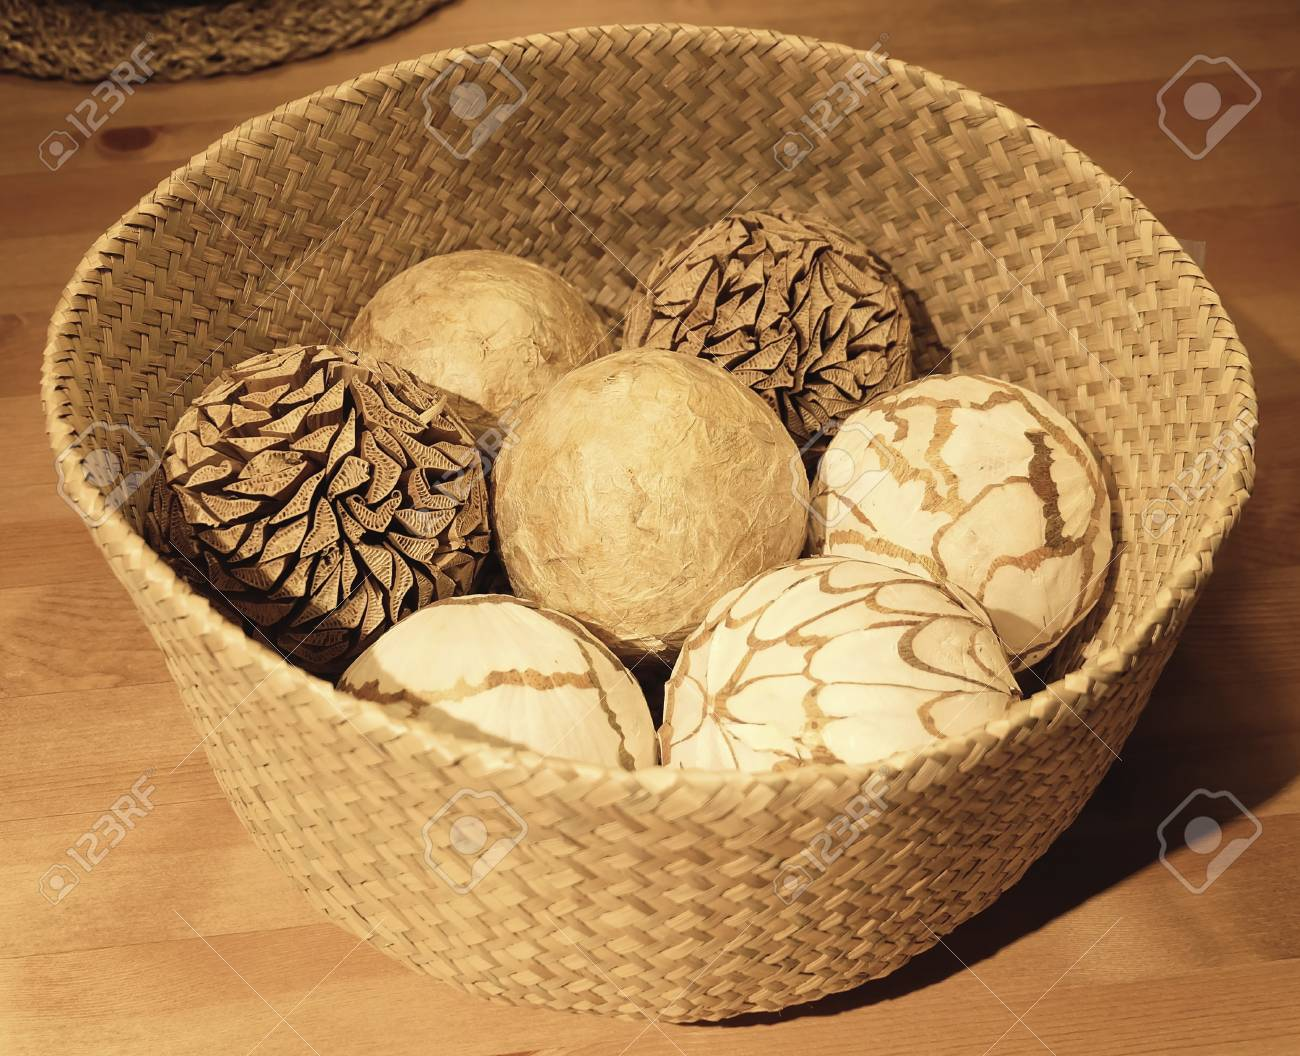 Home Decor Close Up Of Ornamental Decorative Balls In A Woven